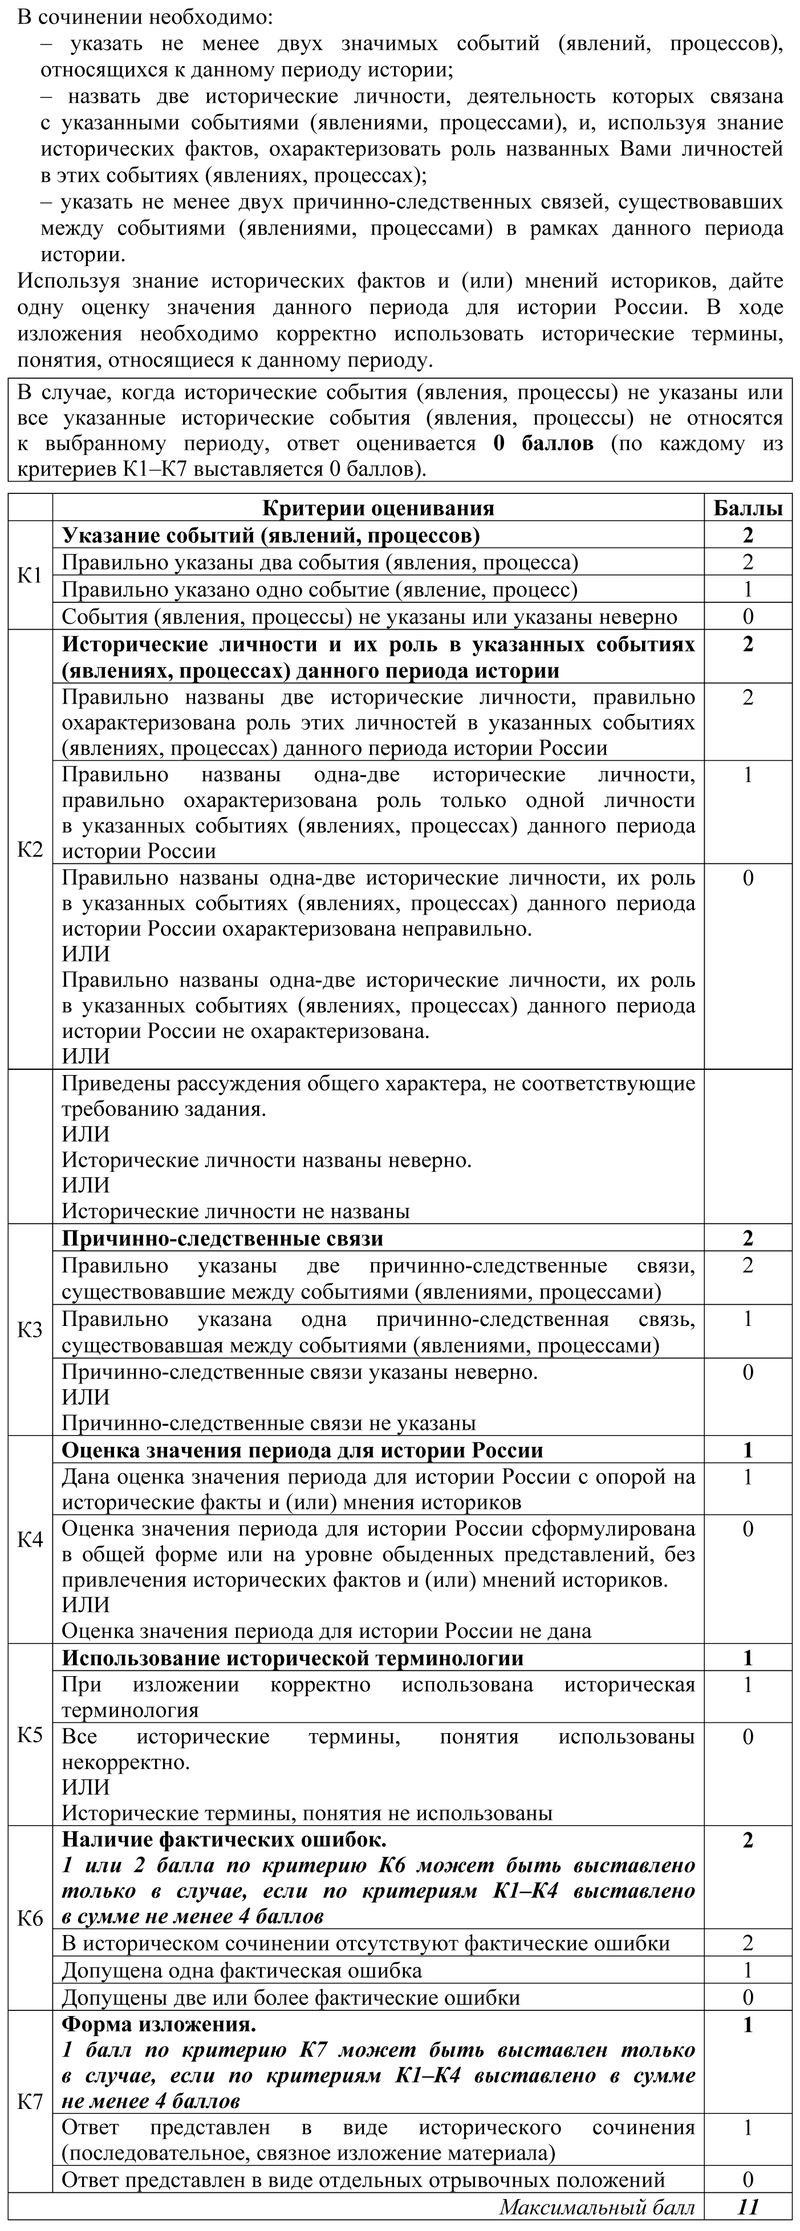 Пункты оценивания сочинения по русскому егэ